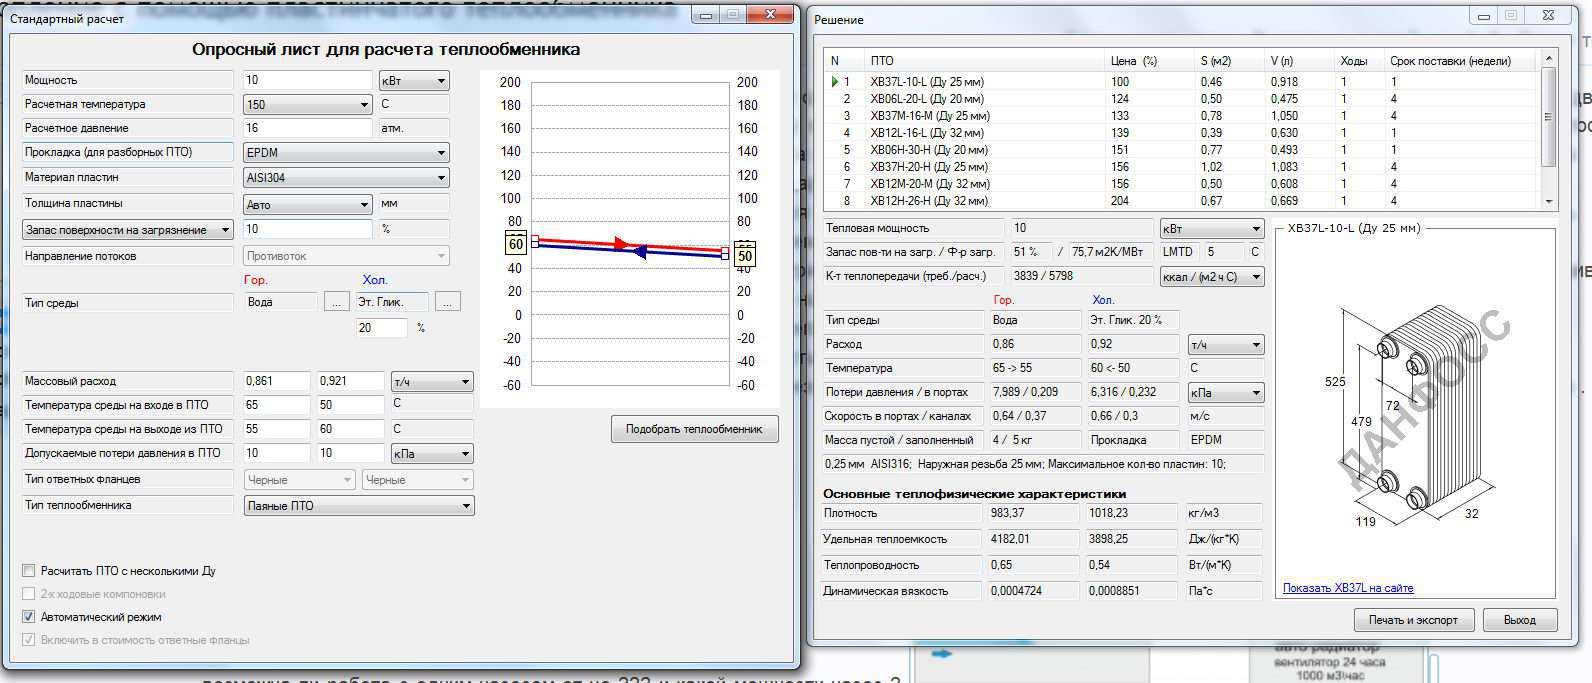 Расчет пластинчатый теплообменник расчет как расчитать расход пара через теплообменник